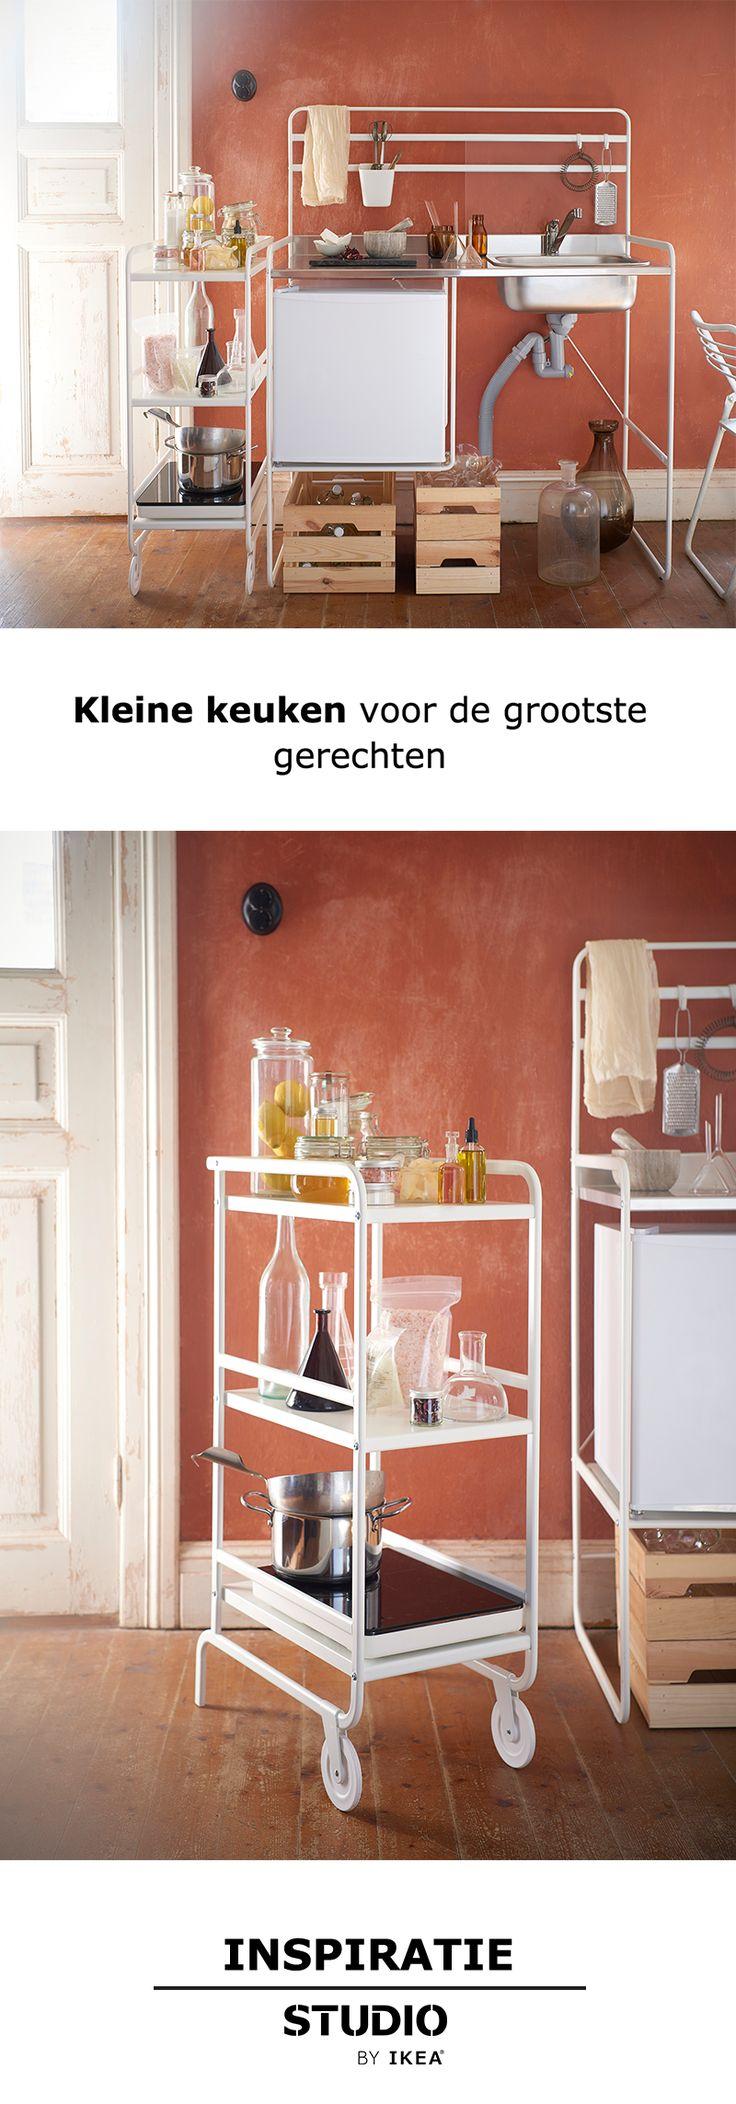 Meer dan 1000 idee n over kleine keukens op pinterest keukens kasten en keukenkasten - Kleine keukenstudio ...